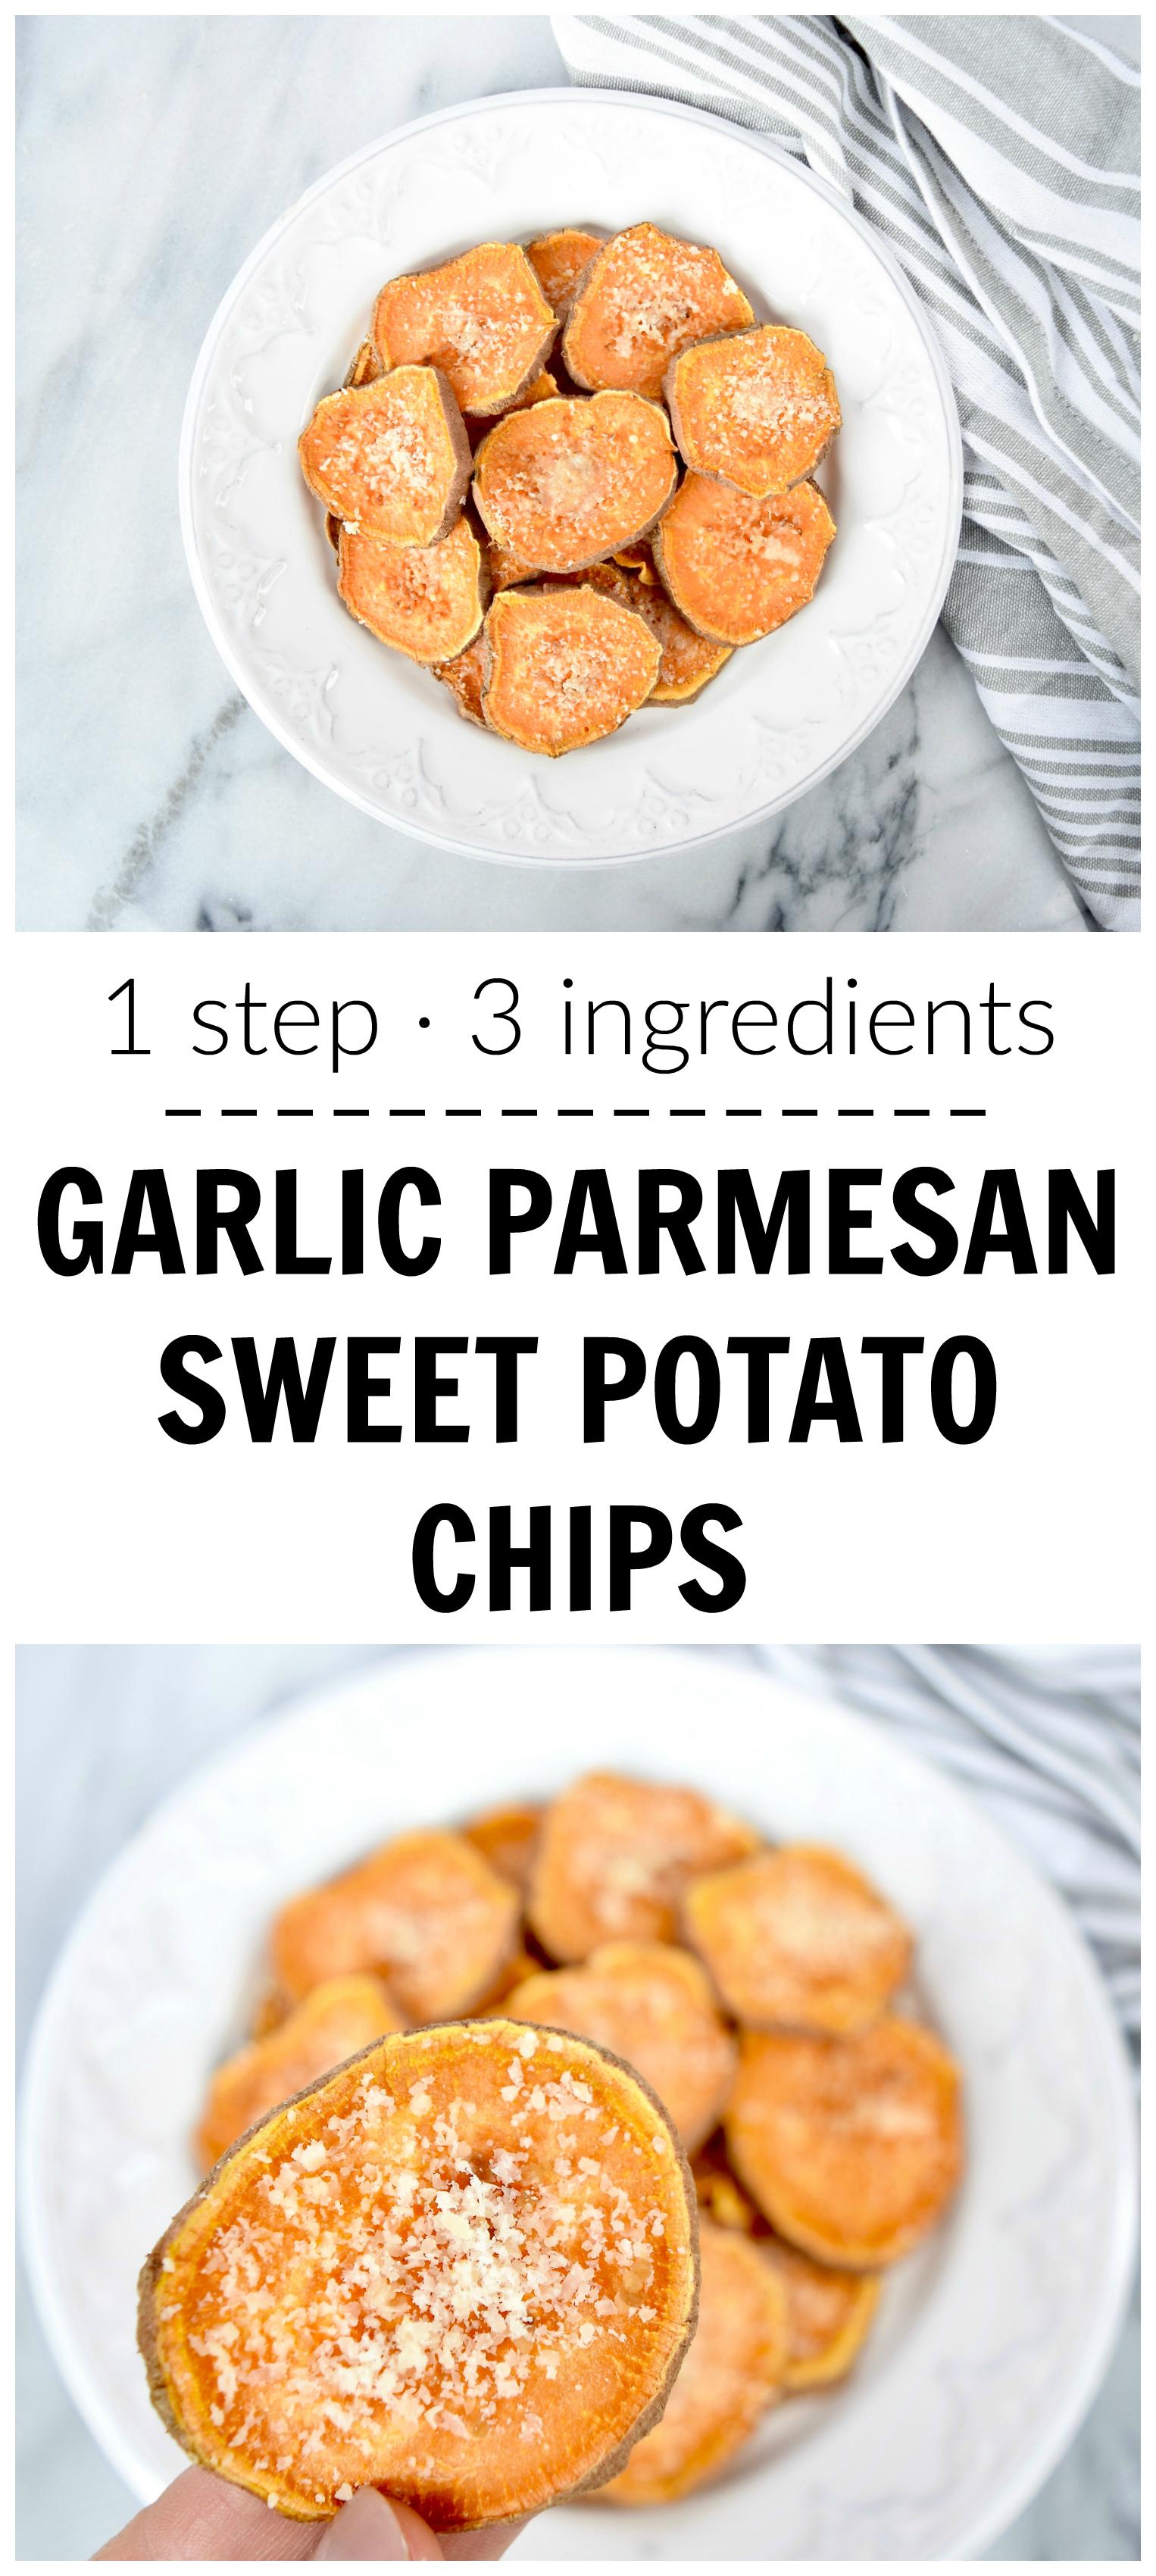 1 STEP GARLIC PARMESAN SWEET POTATO CHIPS